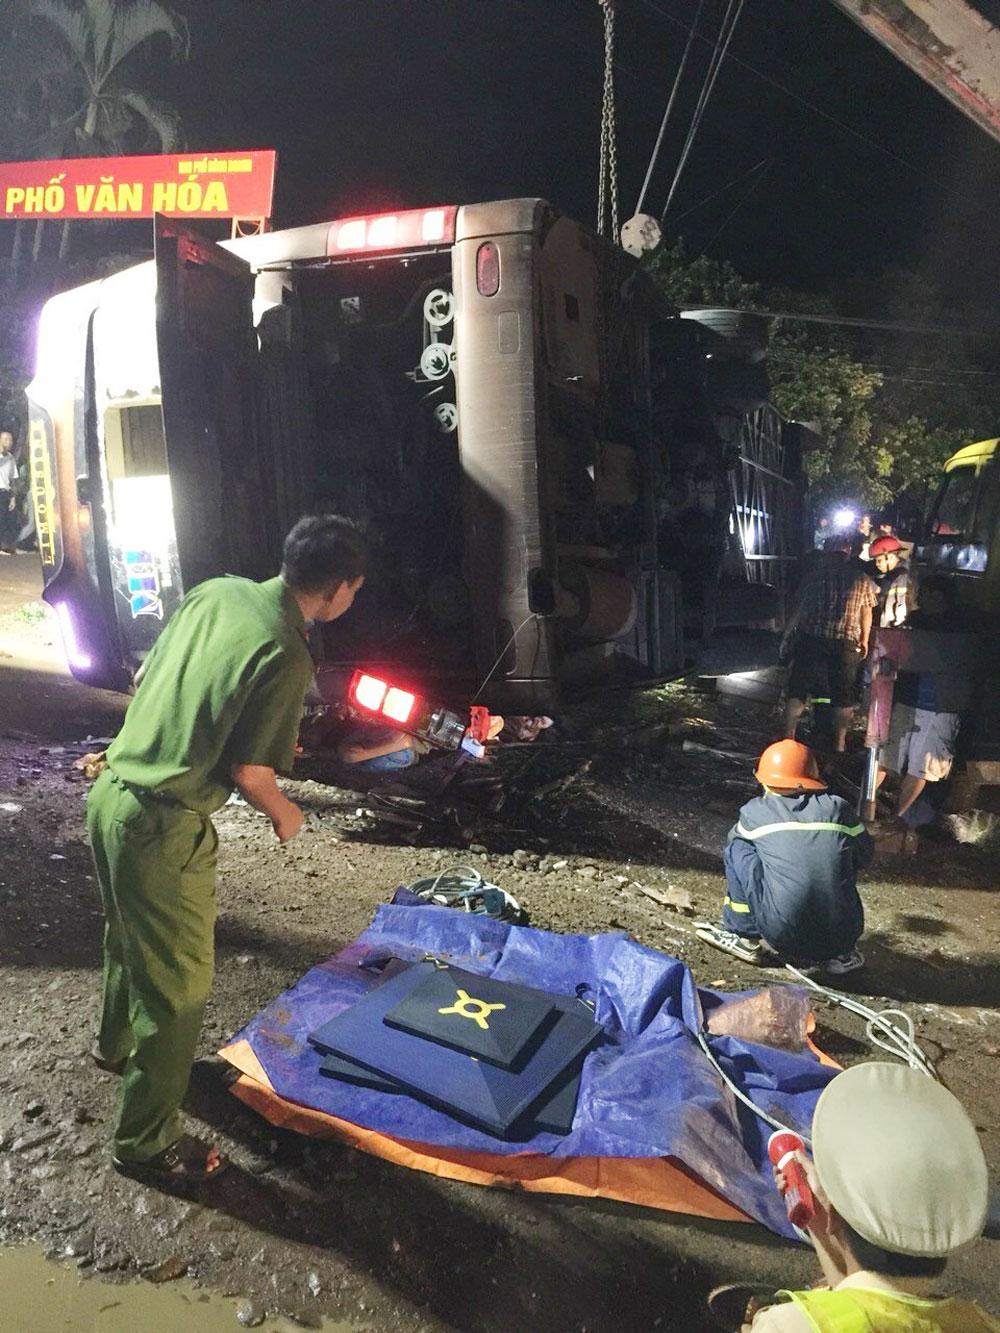 Đồng Nai, khẩn trương, điều tra, vụ lật xe khách, 2 người chết, 17 người bị thương,  tài xế Nguyễn Tú,  xe ô tô khách Minh Kỳ,